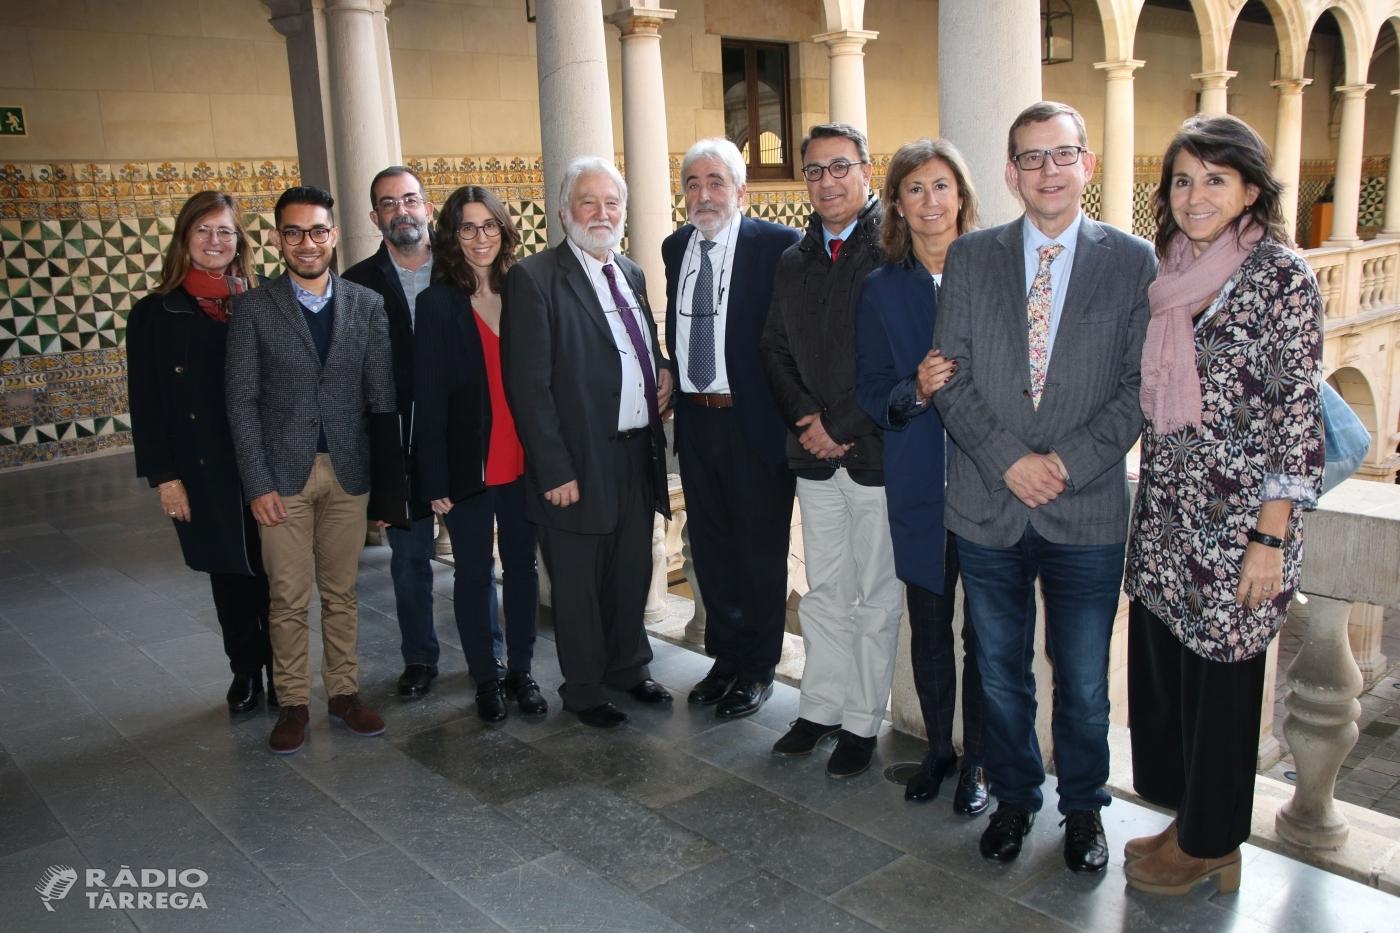 Andreu Palou Oliver, Ametller Origen i Borges Agricultural & Industrial Edible Oils, premiats pel Centre Català de la Nutrició de l'Institut d'Estudis Catalans